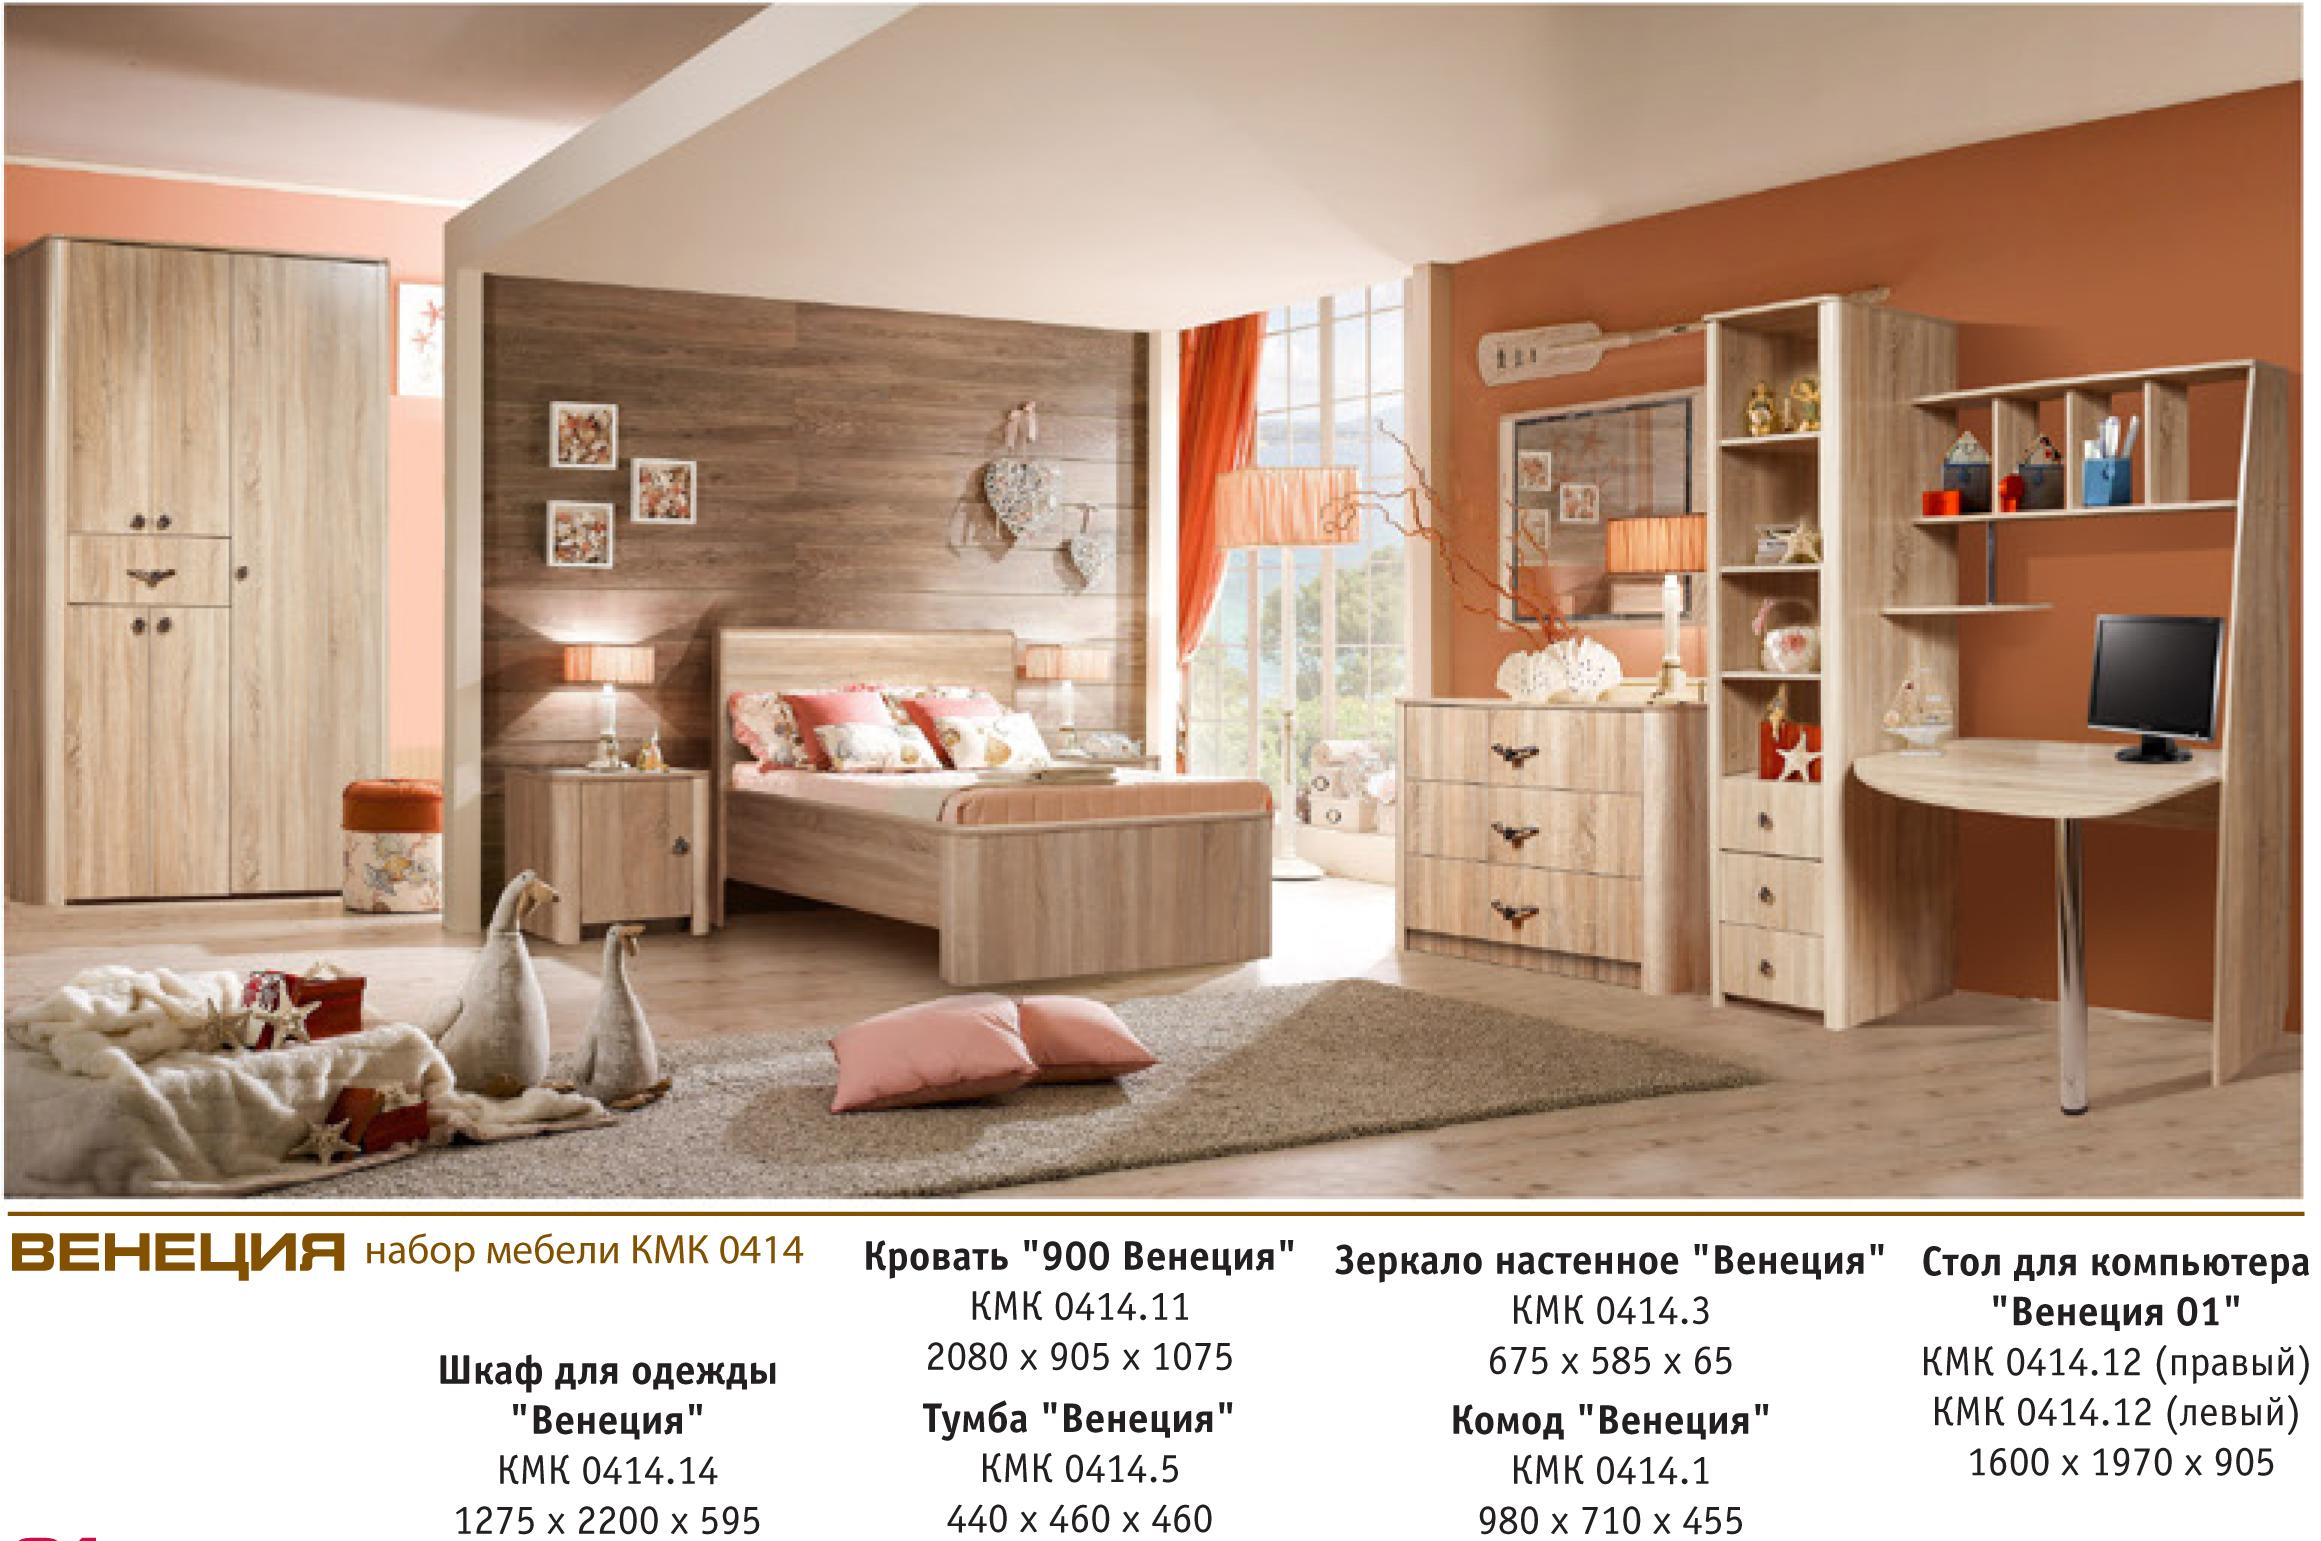 Сбор заказов. Мебель от эконом до премиум класса. Для гостиной, спальни, столовой, детской, прихожей, кухни. Матрасы с различными современными наполнителями. От производителя - 10